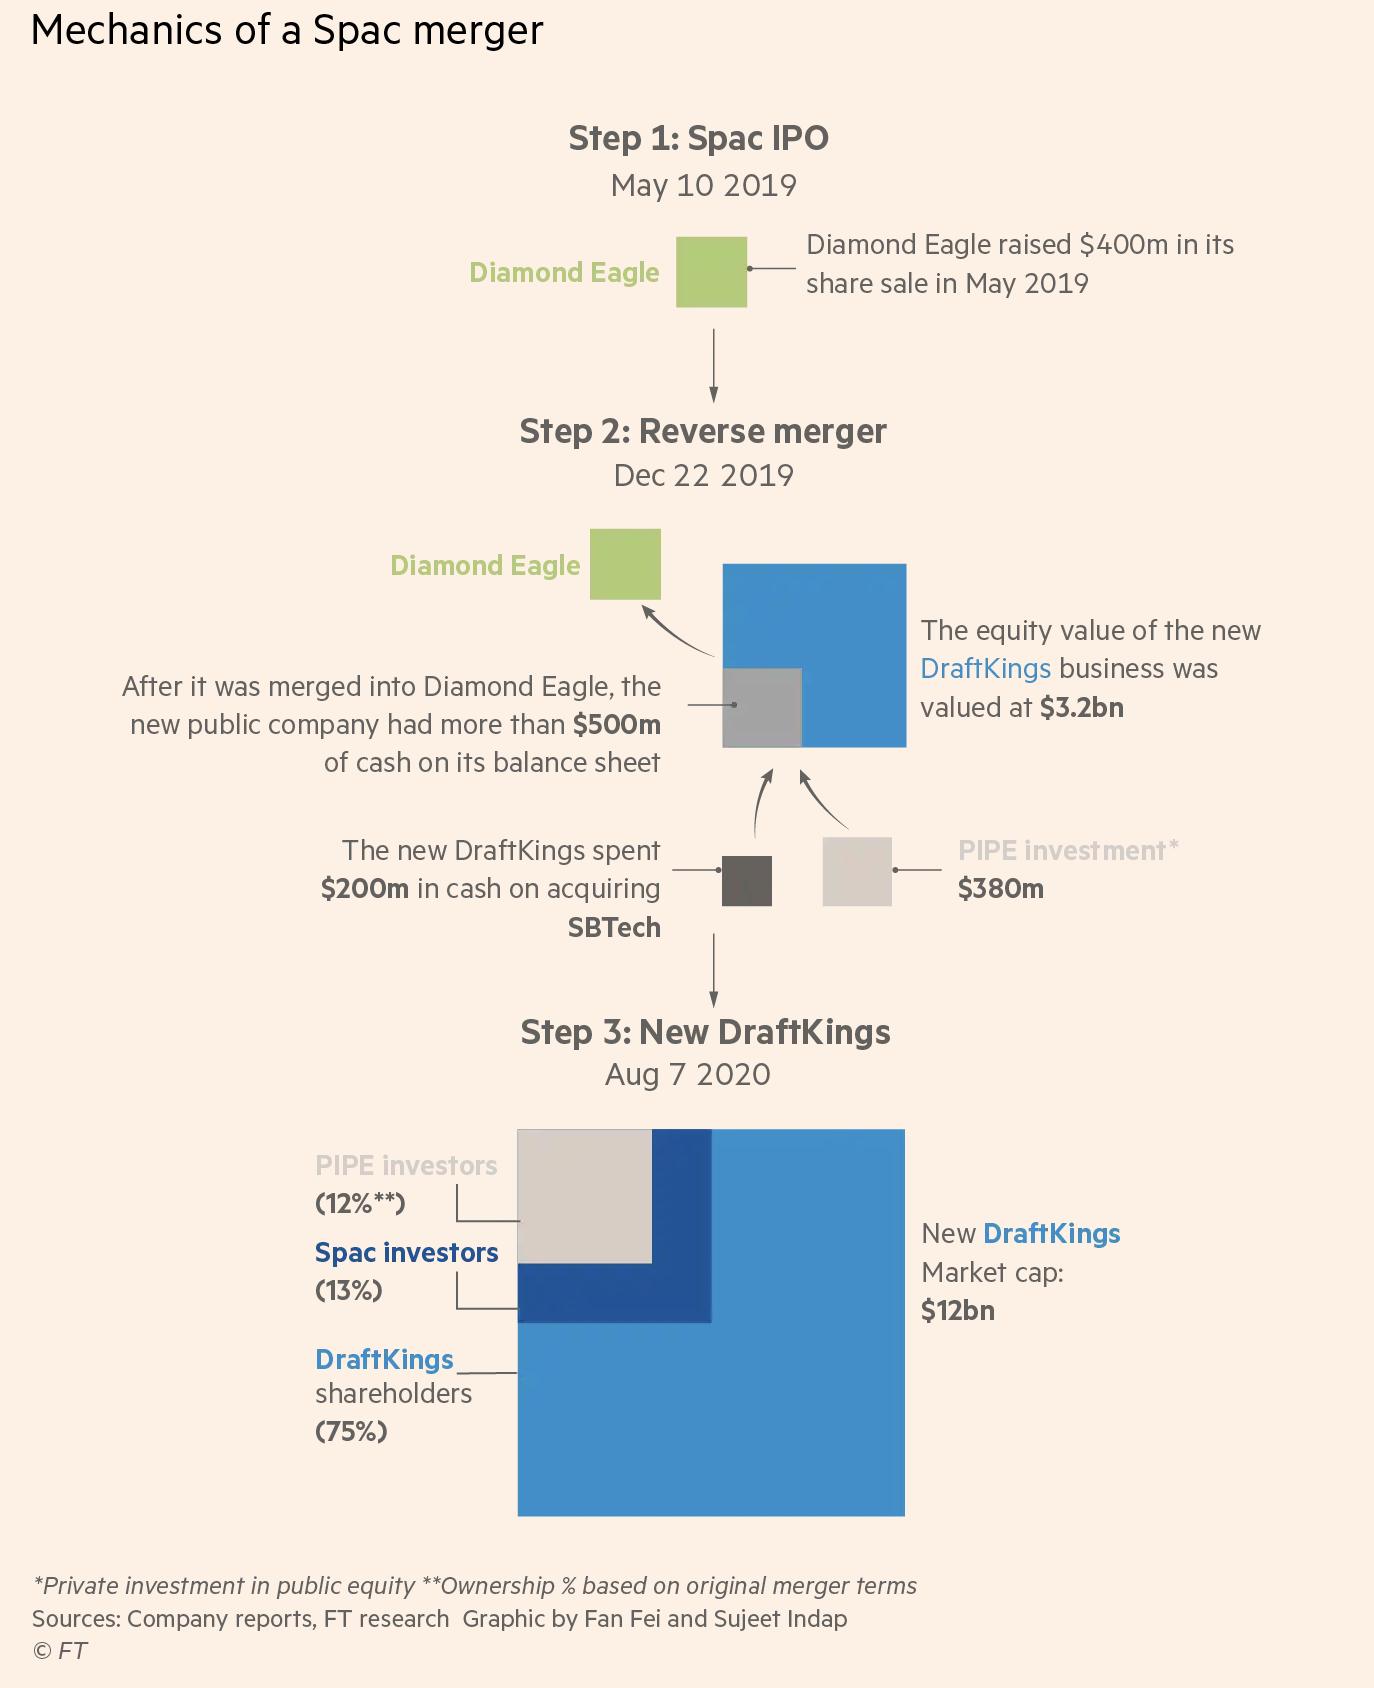 Mechanics of a SPACmerger